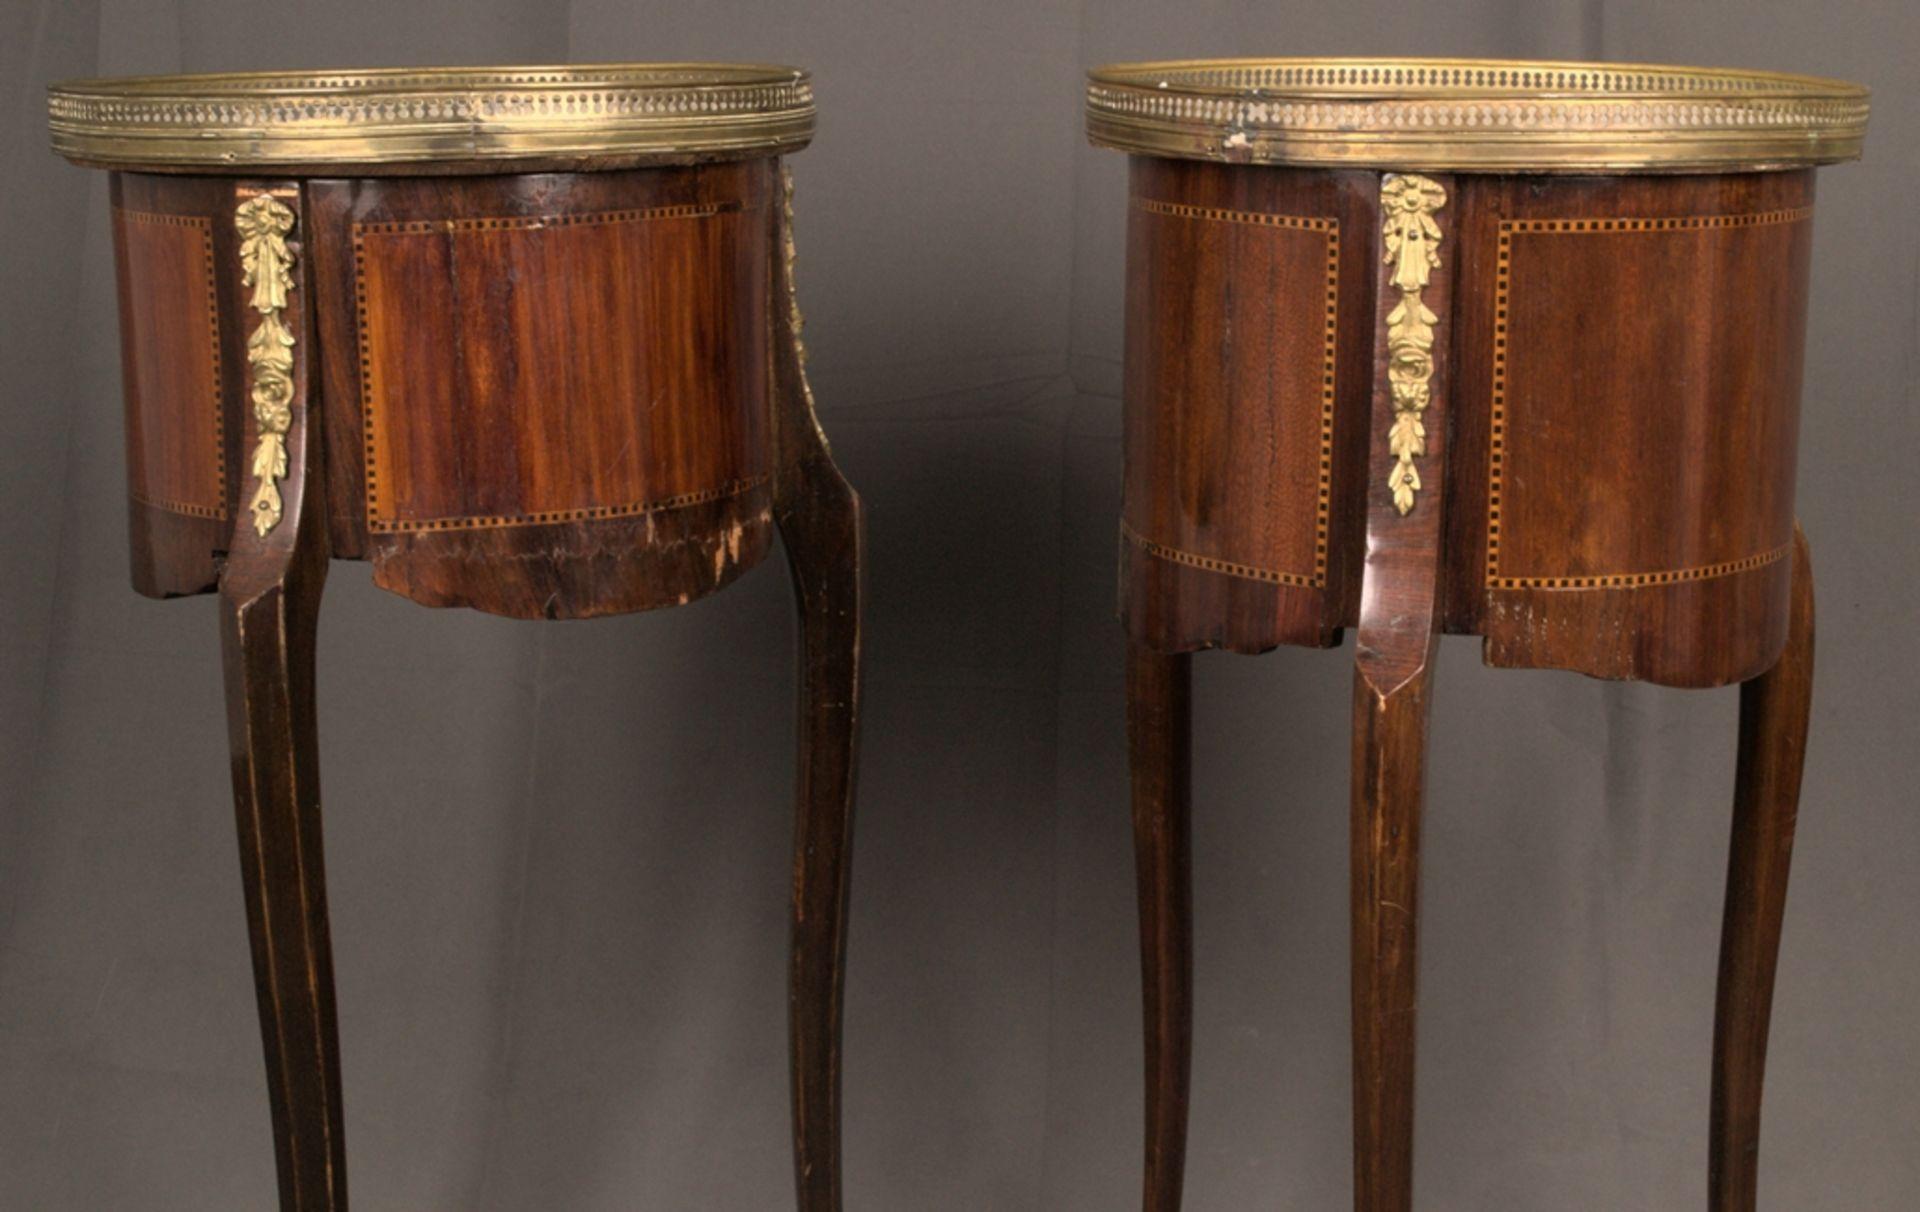 Paar eleganter, dreibeiniger Beistelltische sog. Gueridons, Frankreich 19./20. Jhd. Eintüriger - Bild 15 aus 19